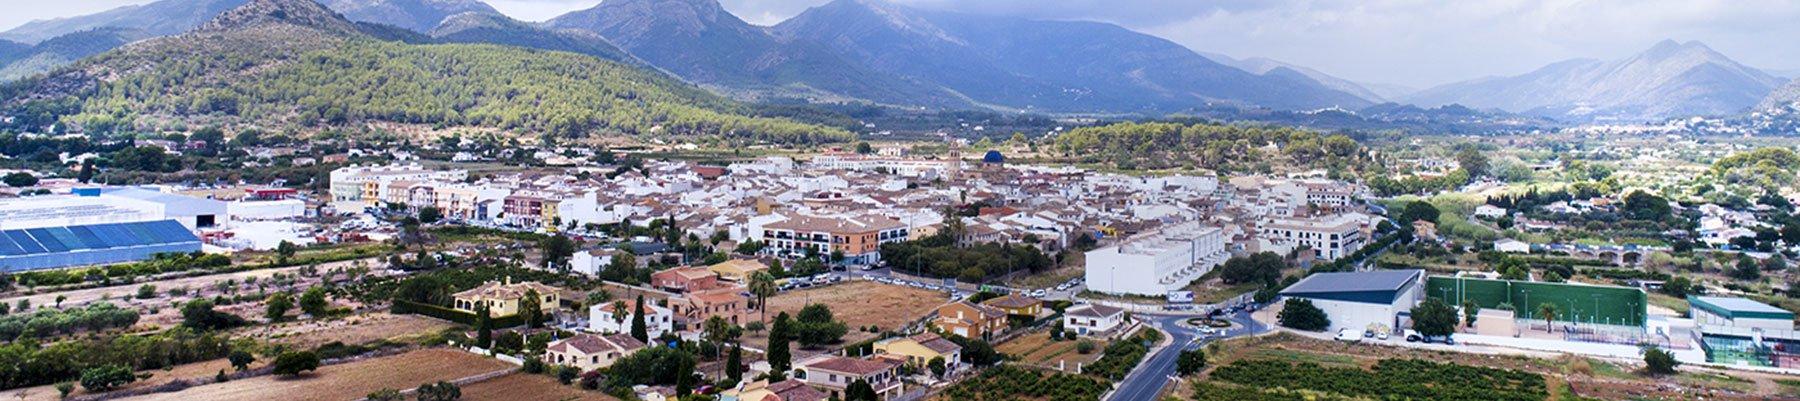 Información Socioeconómica y Laboral del Municipio de Xaló